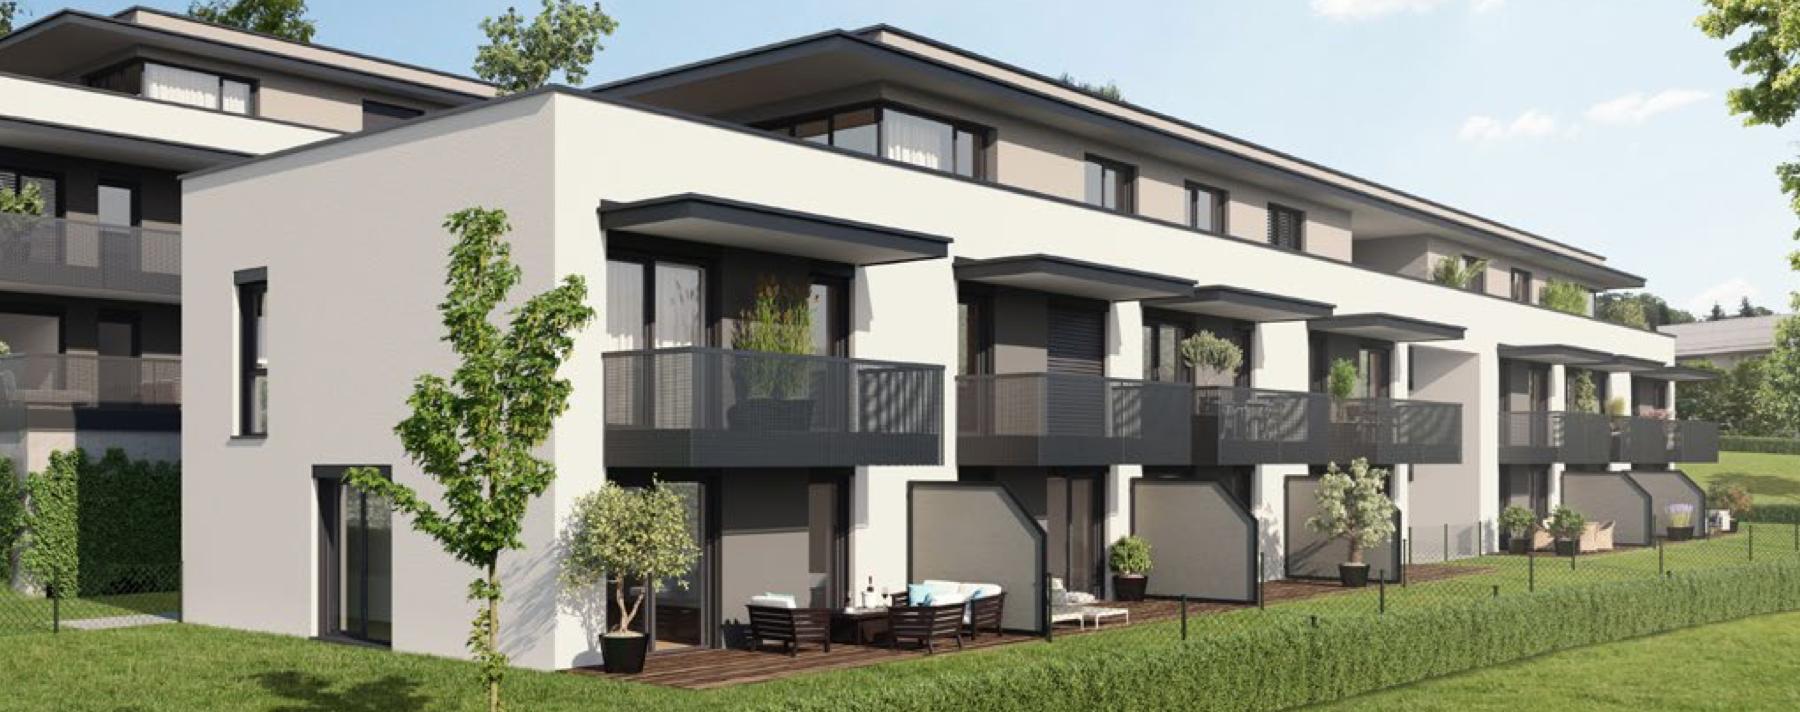 ST.-PETER: Neubau-Penthouse-Wohnung mit großer Terrasse in Grünlage!